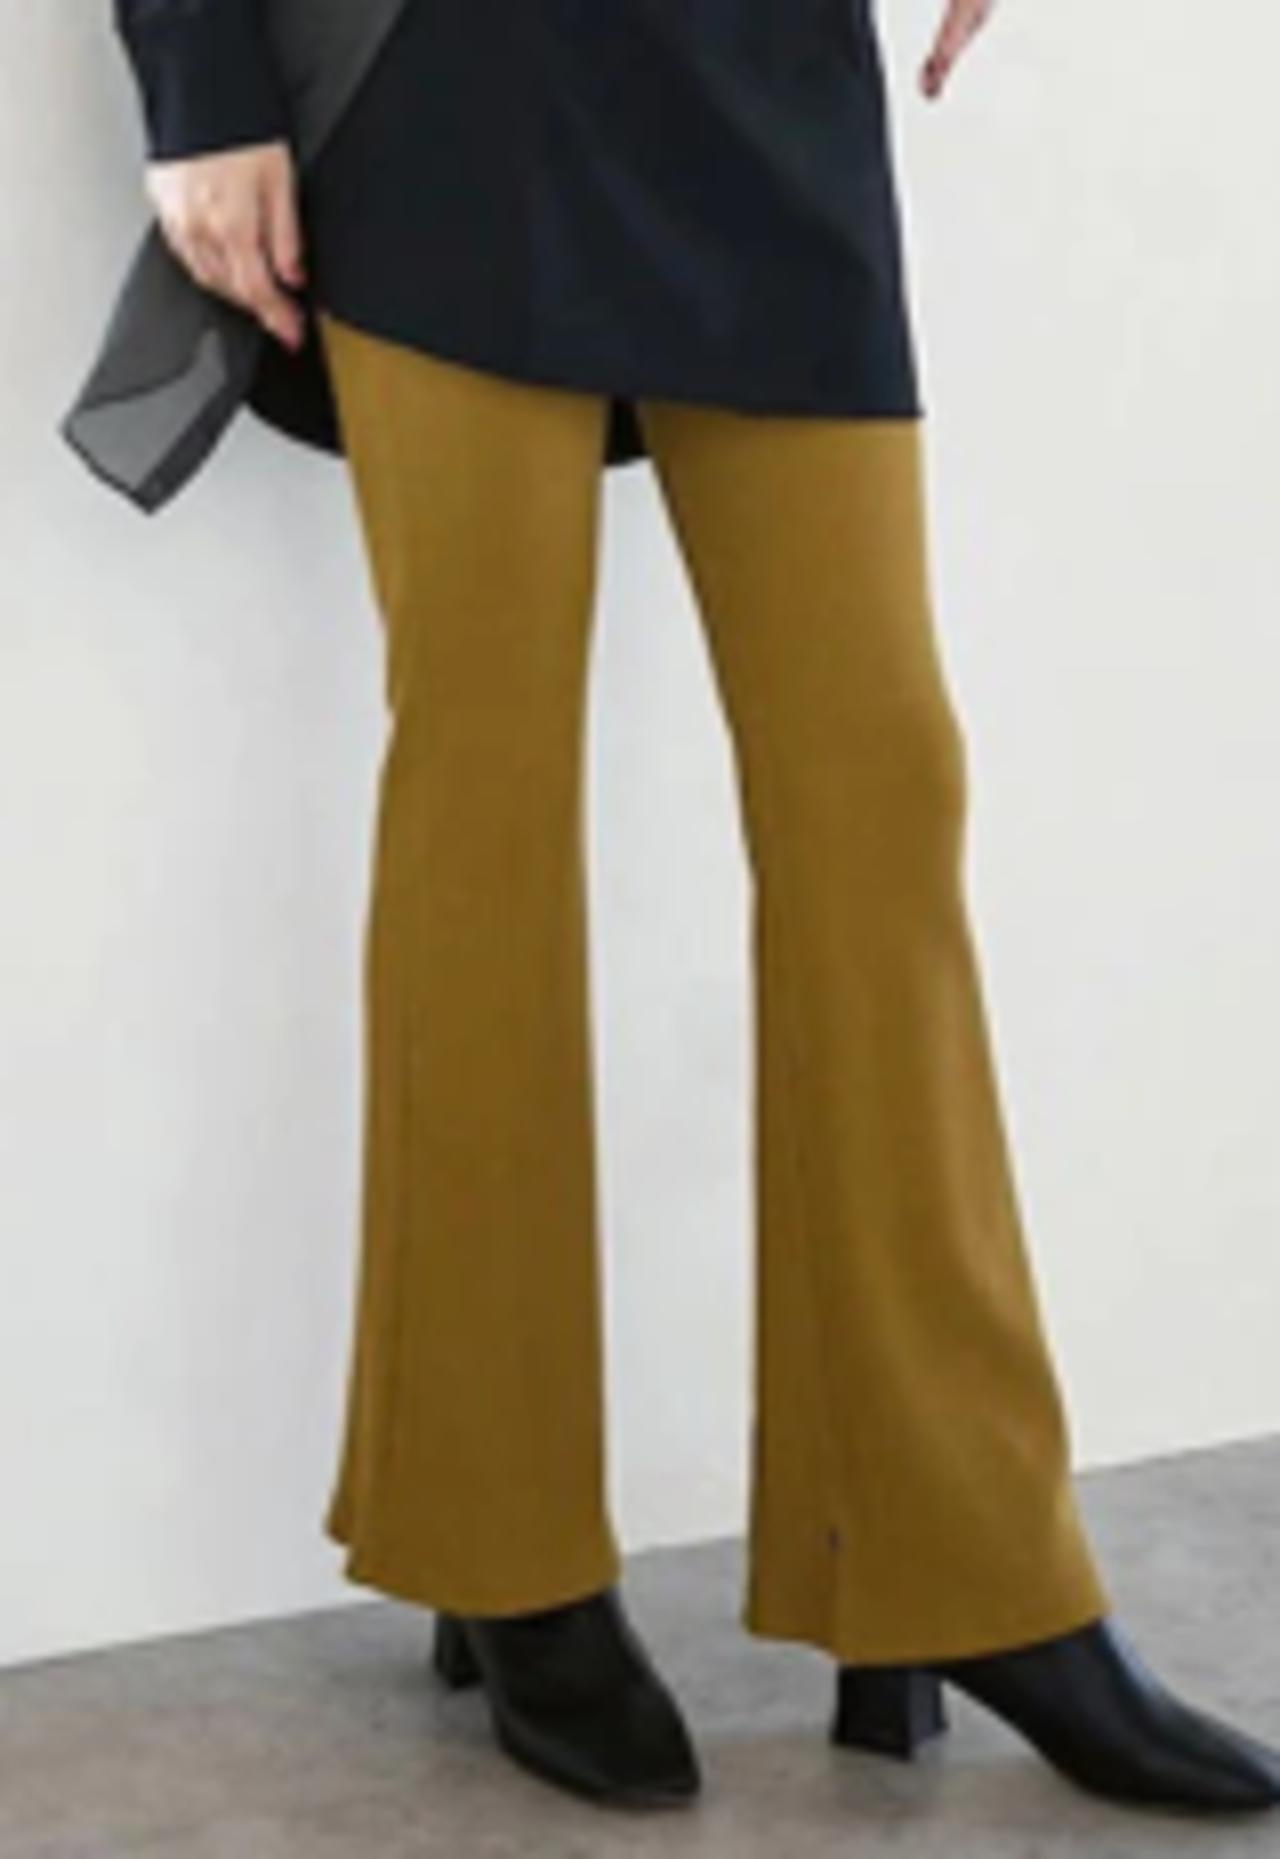 画像3: 内田理央も鷲見玲奈も欲しくなる秋服!「袖も裾も可愛いっ♪」 光沢のある素材でキレイめなバルーン袖マウンテンパーカー!